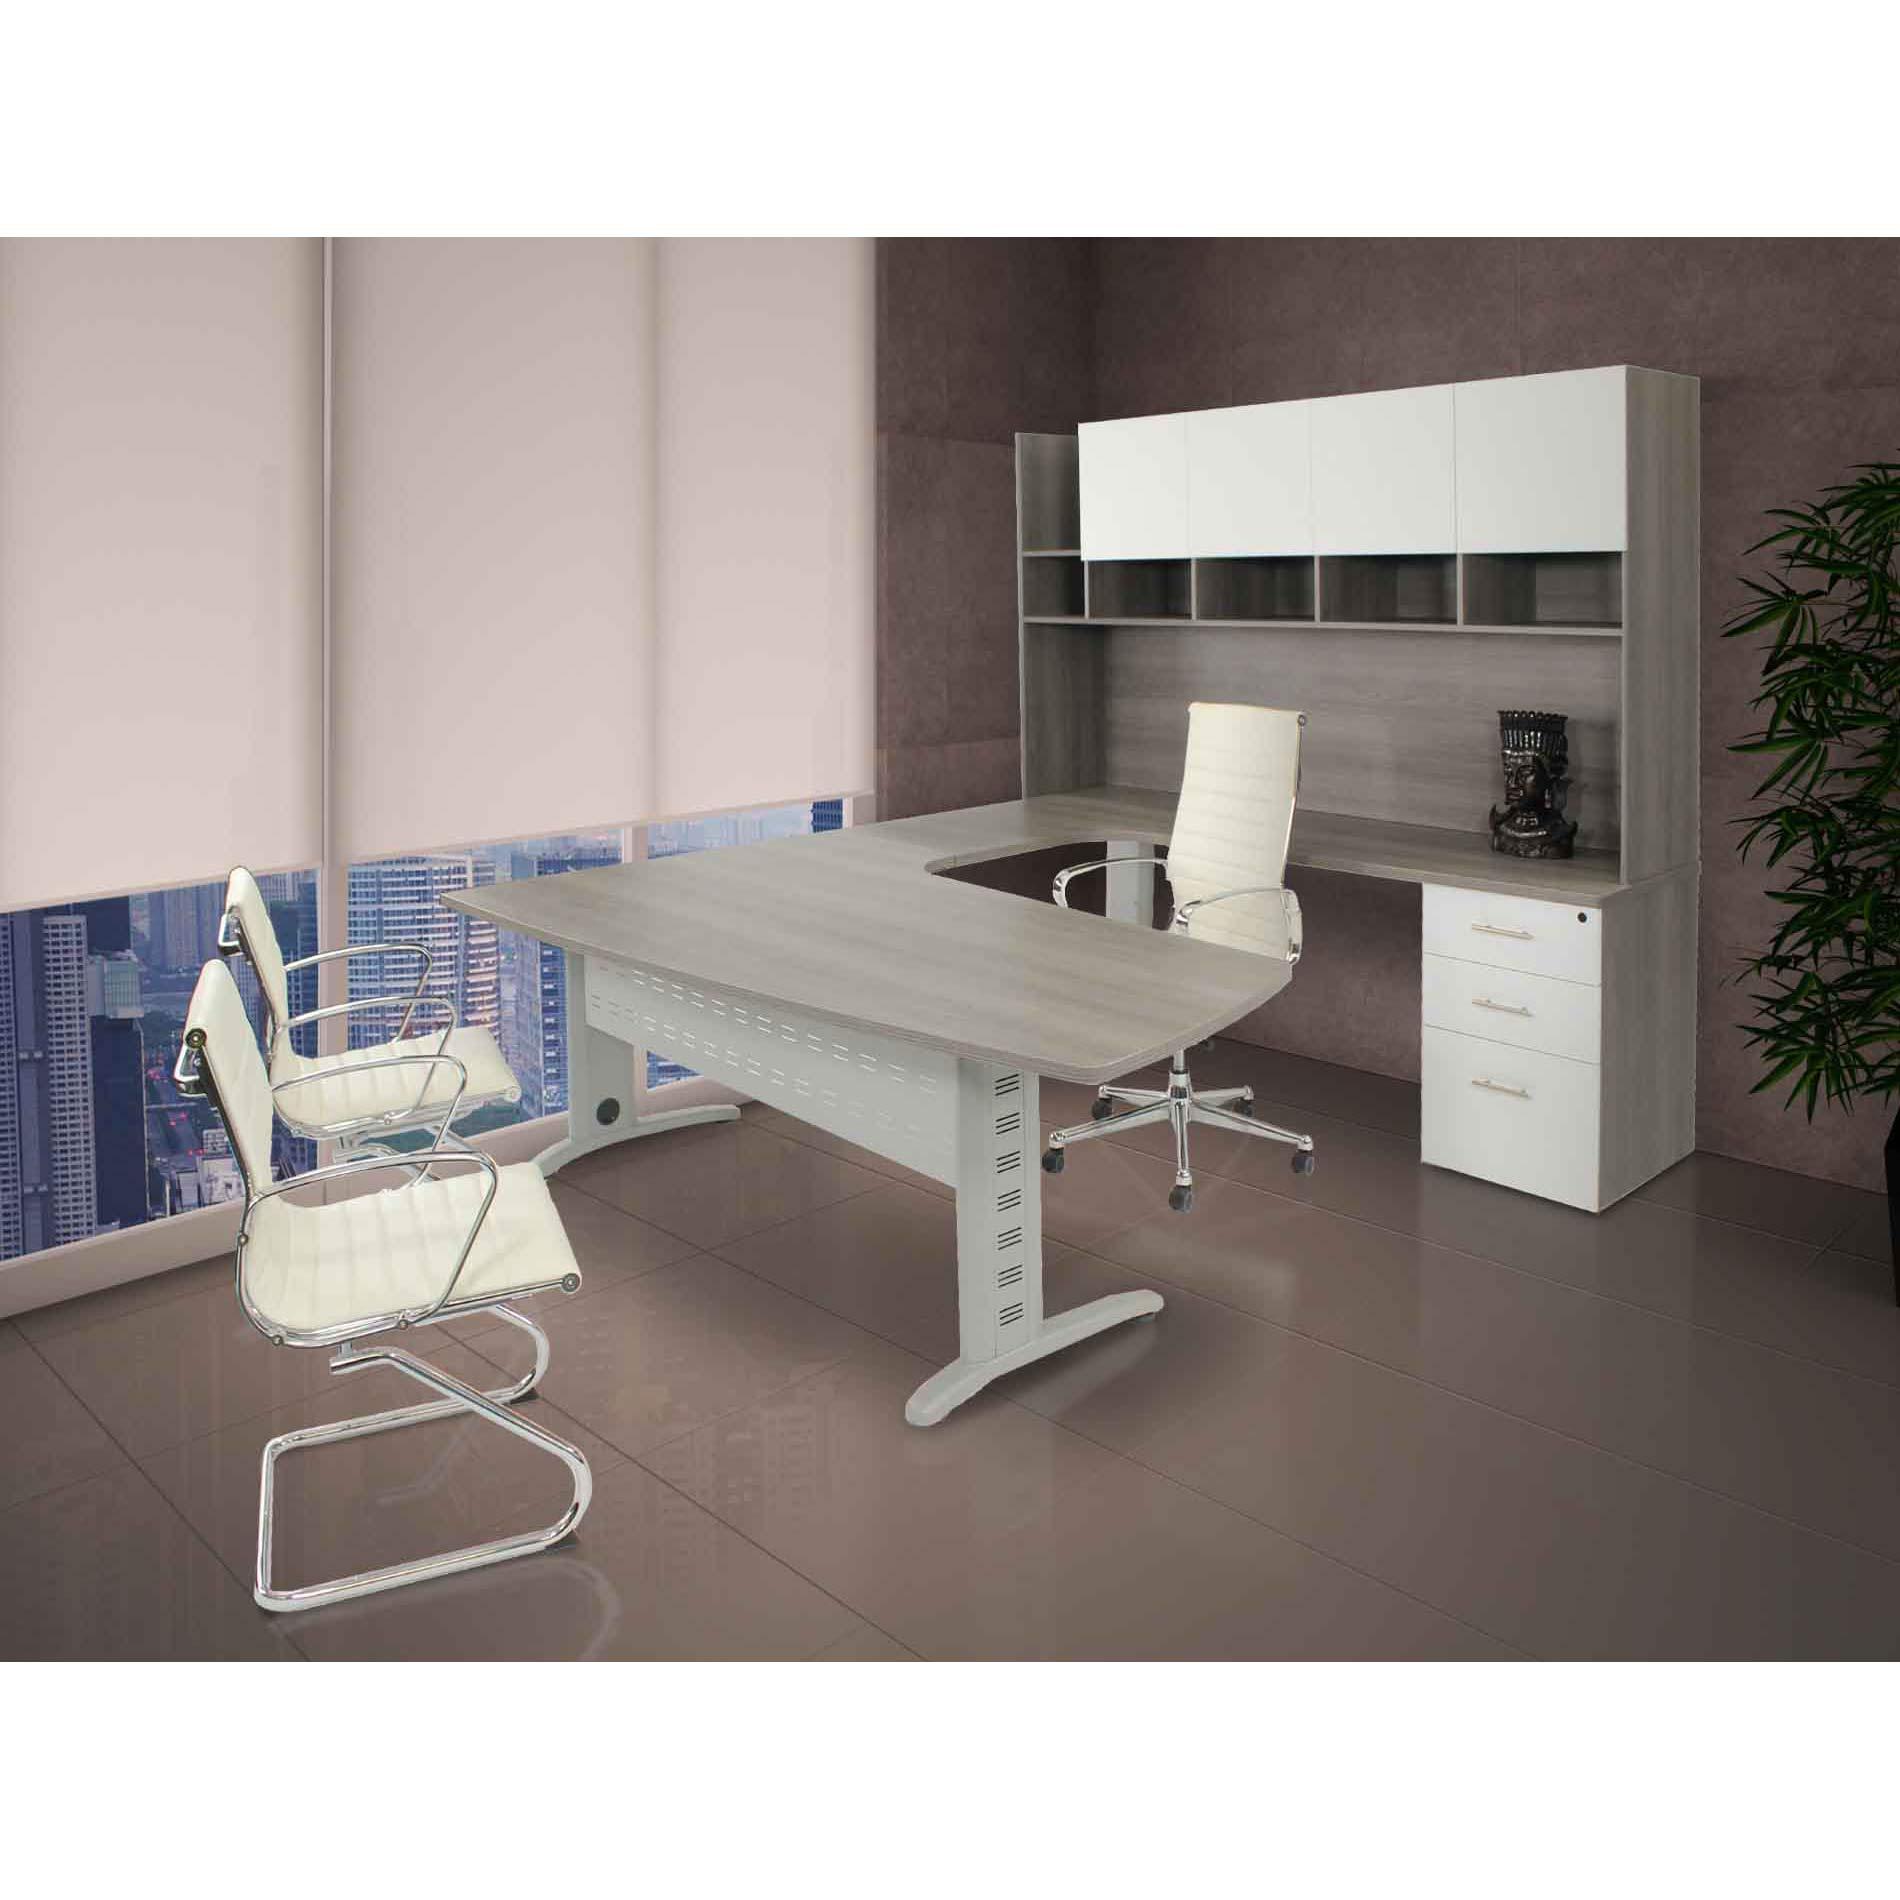 Directivo en u permassa grupo meta soluciones de for Outlet muebles de oficina